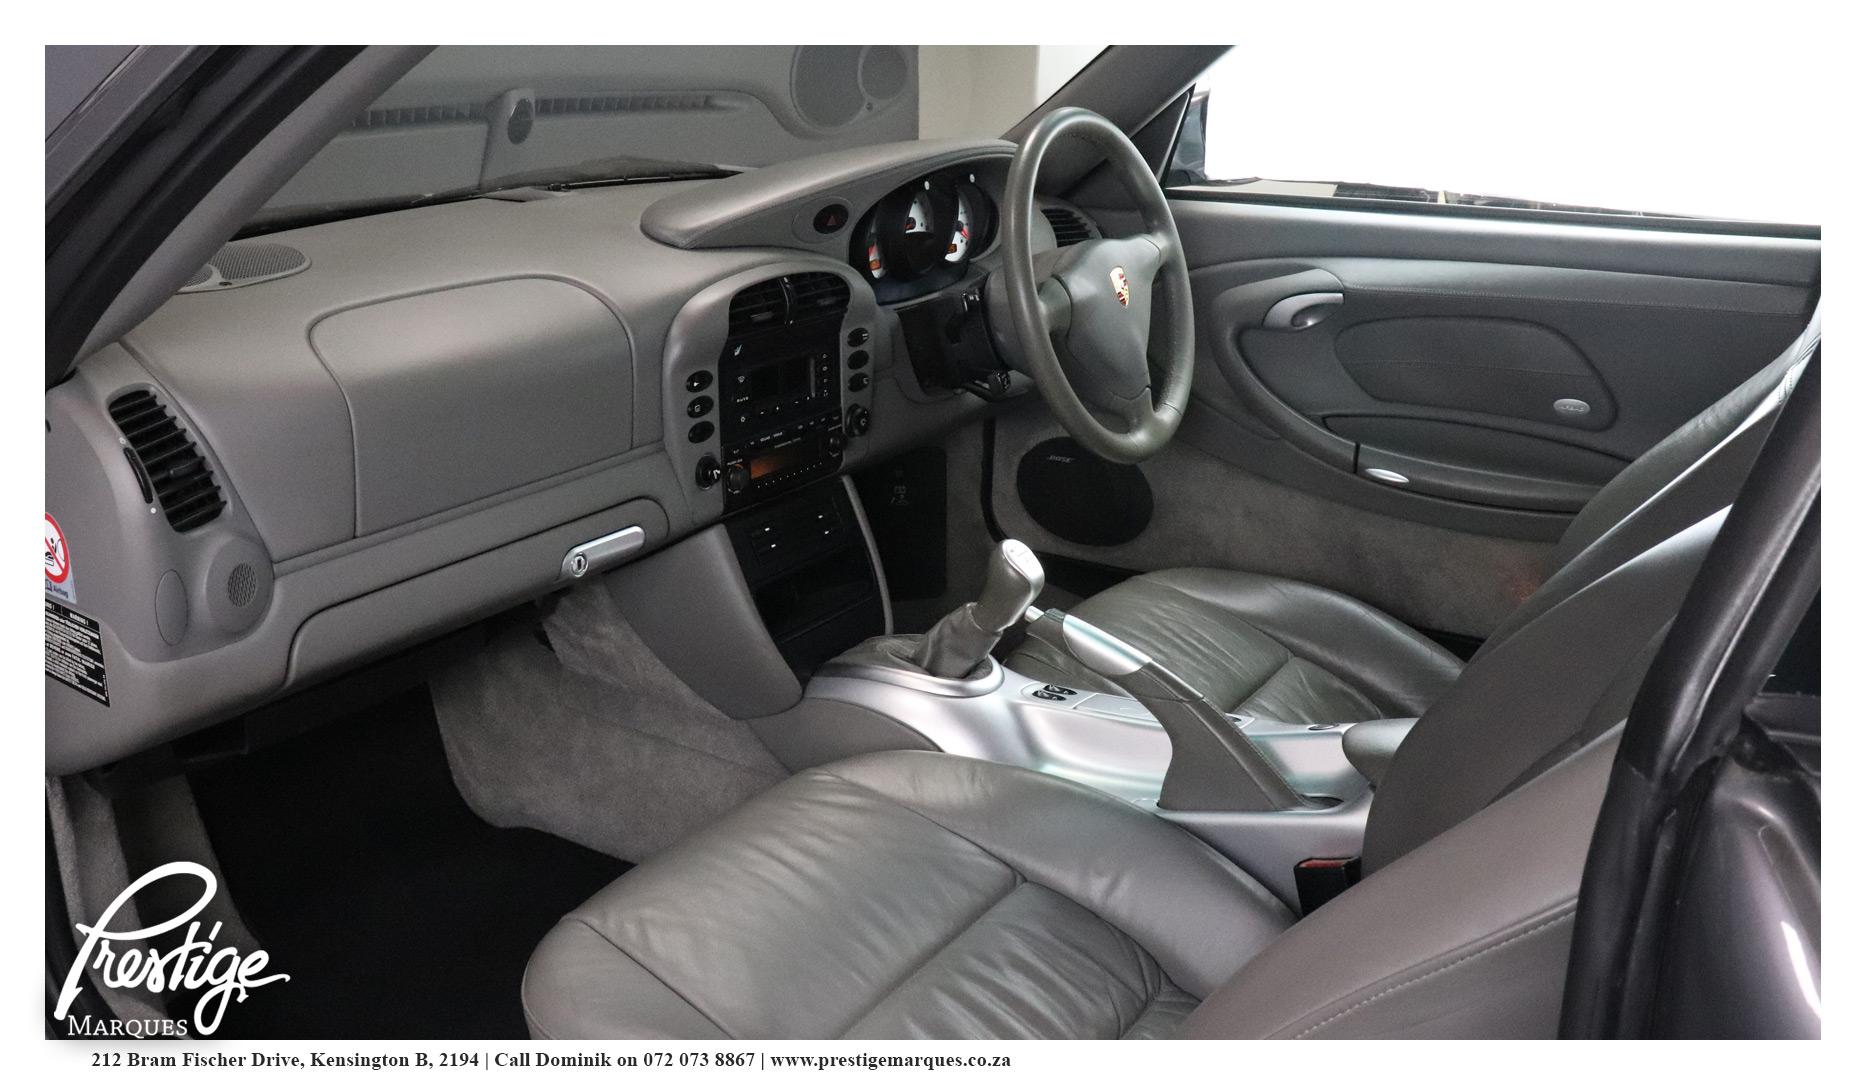 2005-Porsche-911-996-4s-Coupe-Manual-Prestige-Marques-Randburg-Sandton-15